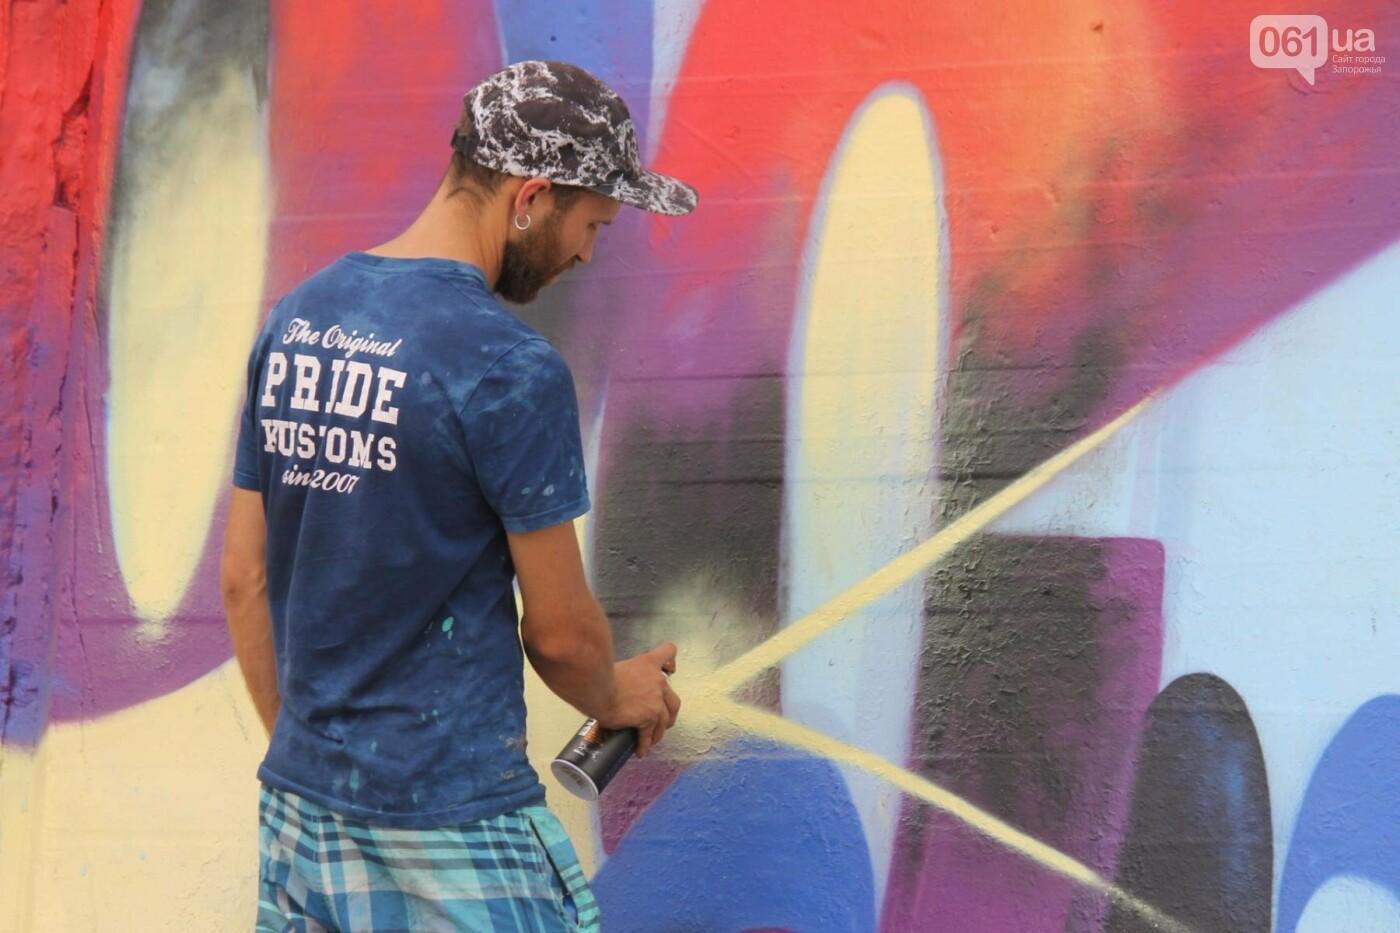 В Запорожье на пляже закончился фестиваль граффити: разрисовали 150 метров бетонной стены, – ФОТОРЕПОРТАЖ, фото-3